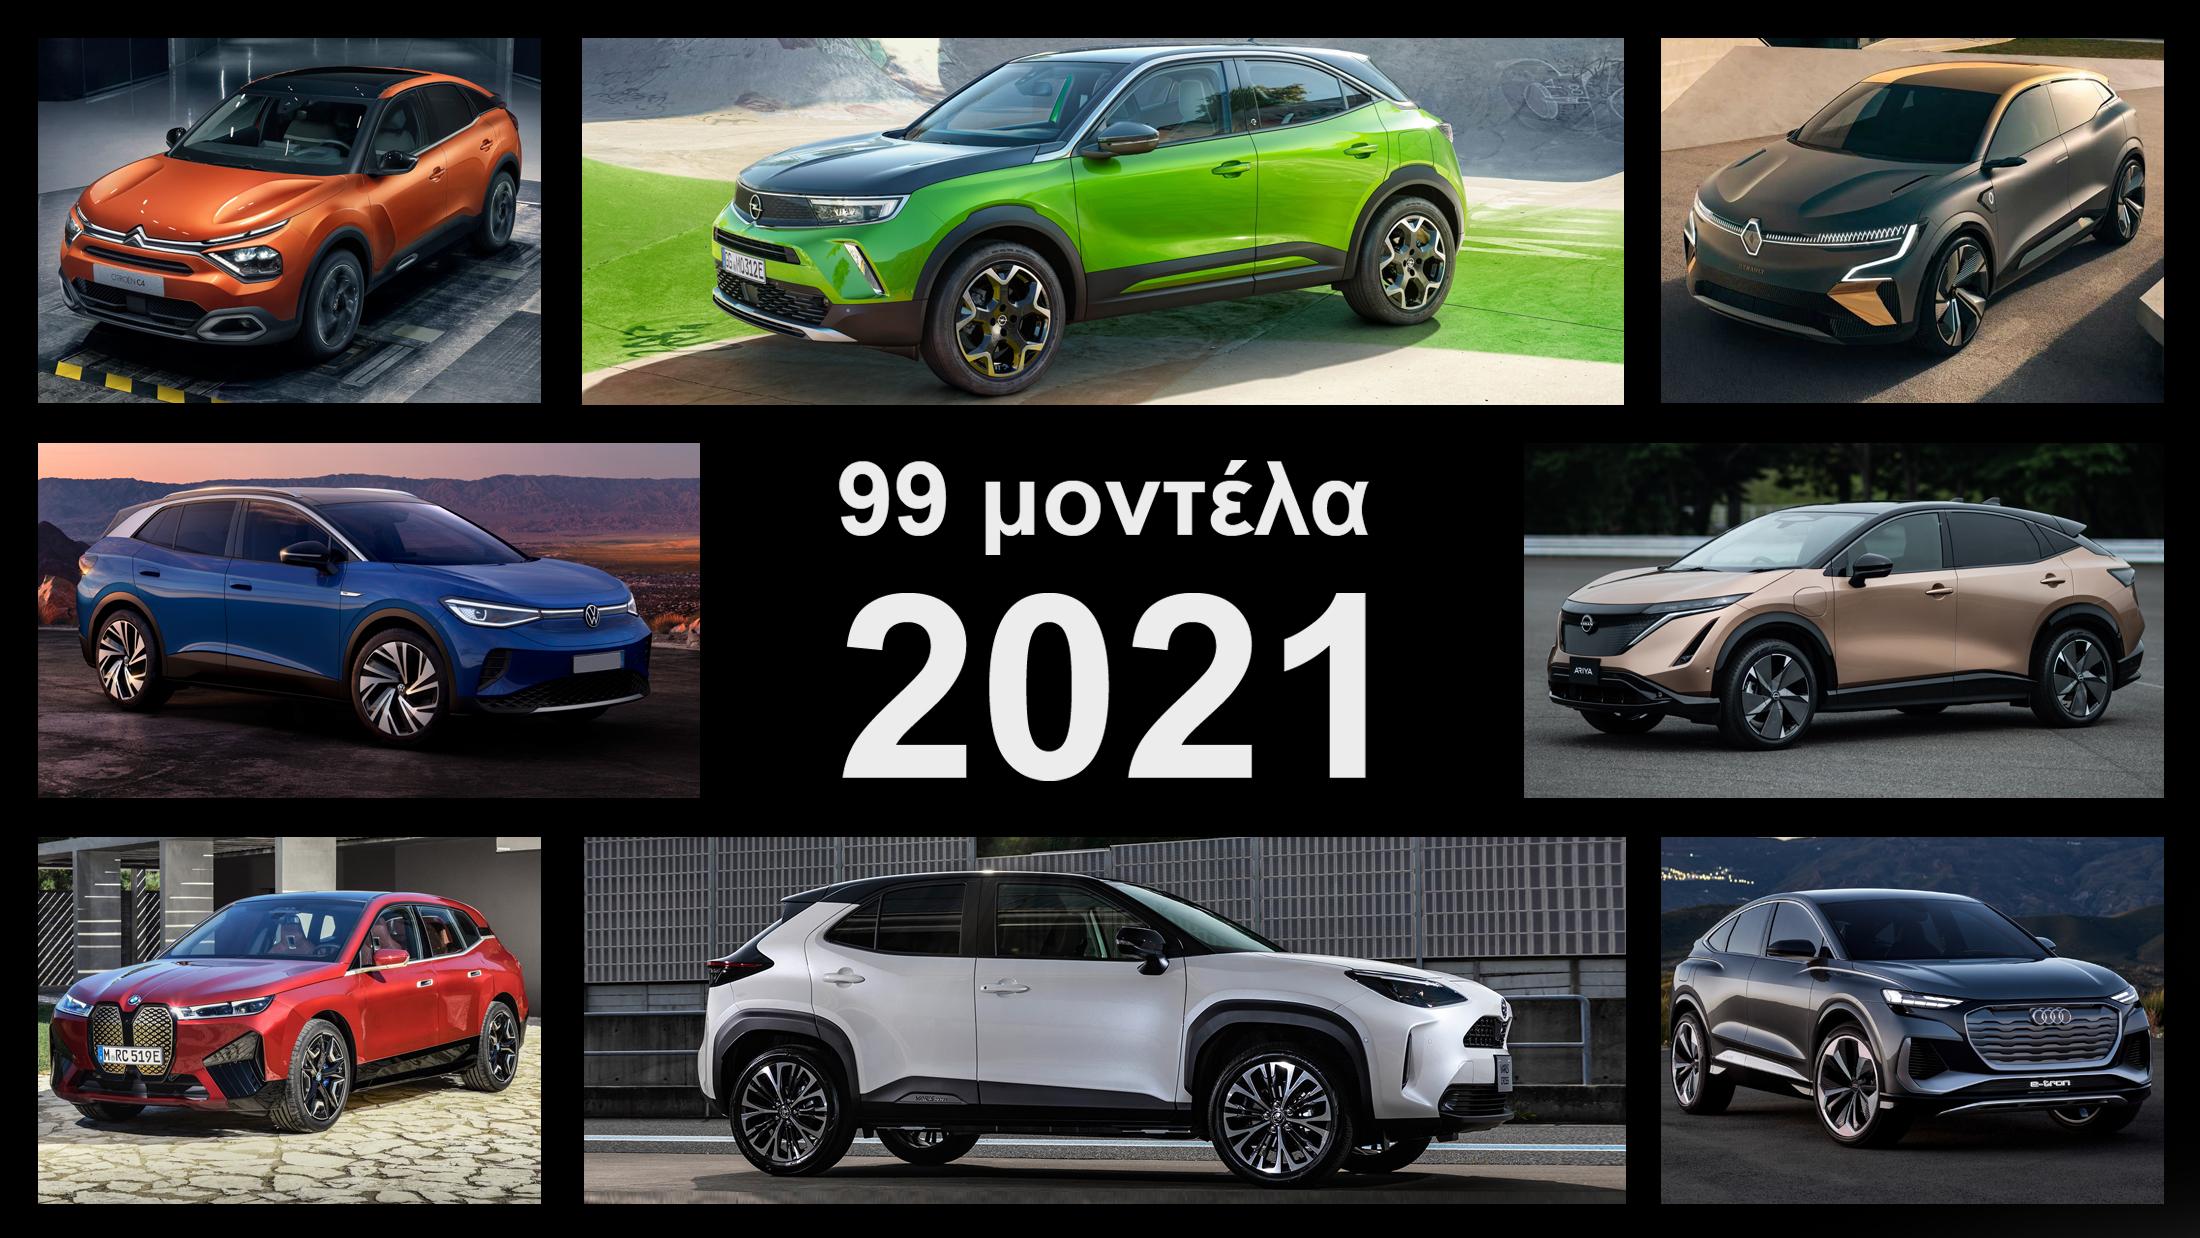 Το 2021 θα μας φέρει 99 νέα μοντέλα αυτοκινήτων! Δείτε ποια λανσάρονται κάθε μήνα